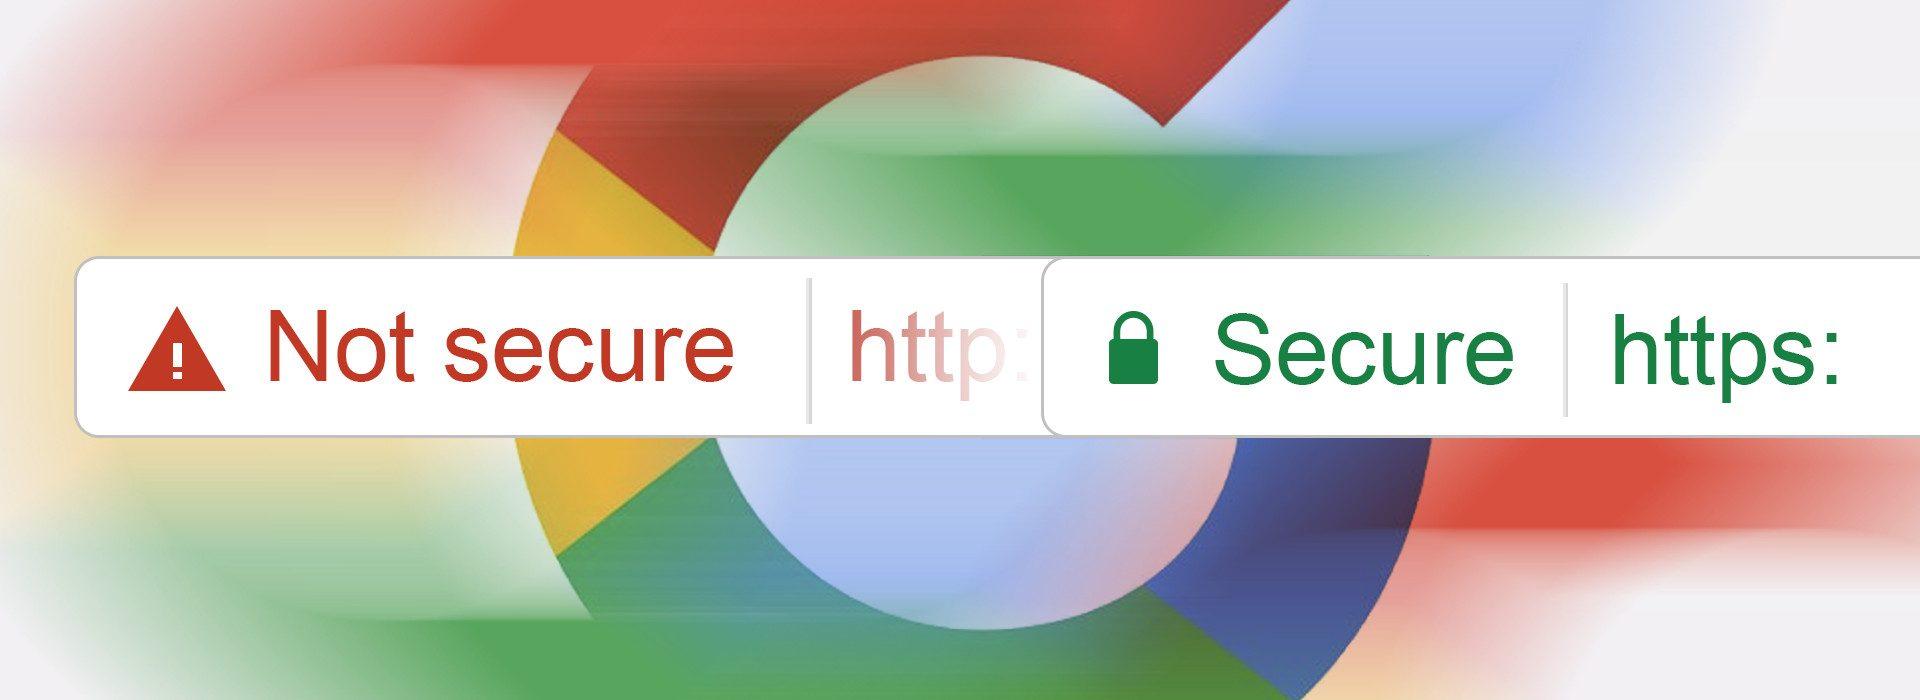 Ιούλιος 2018: Ένδειξη Not secure για όλα τα HTTP sites | Webtrails